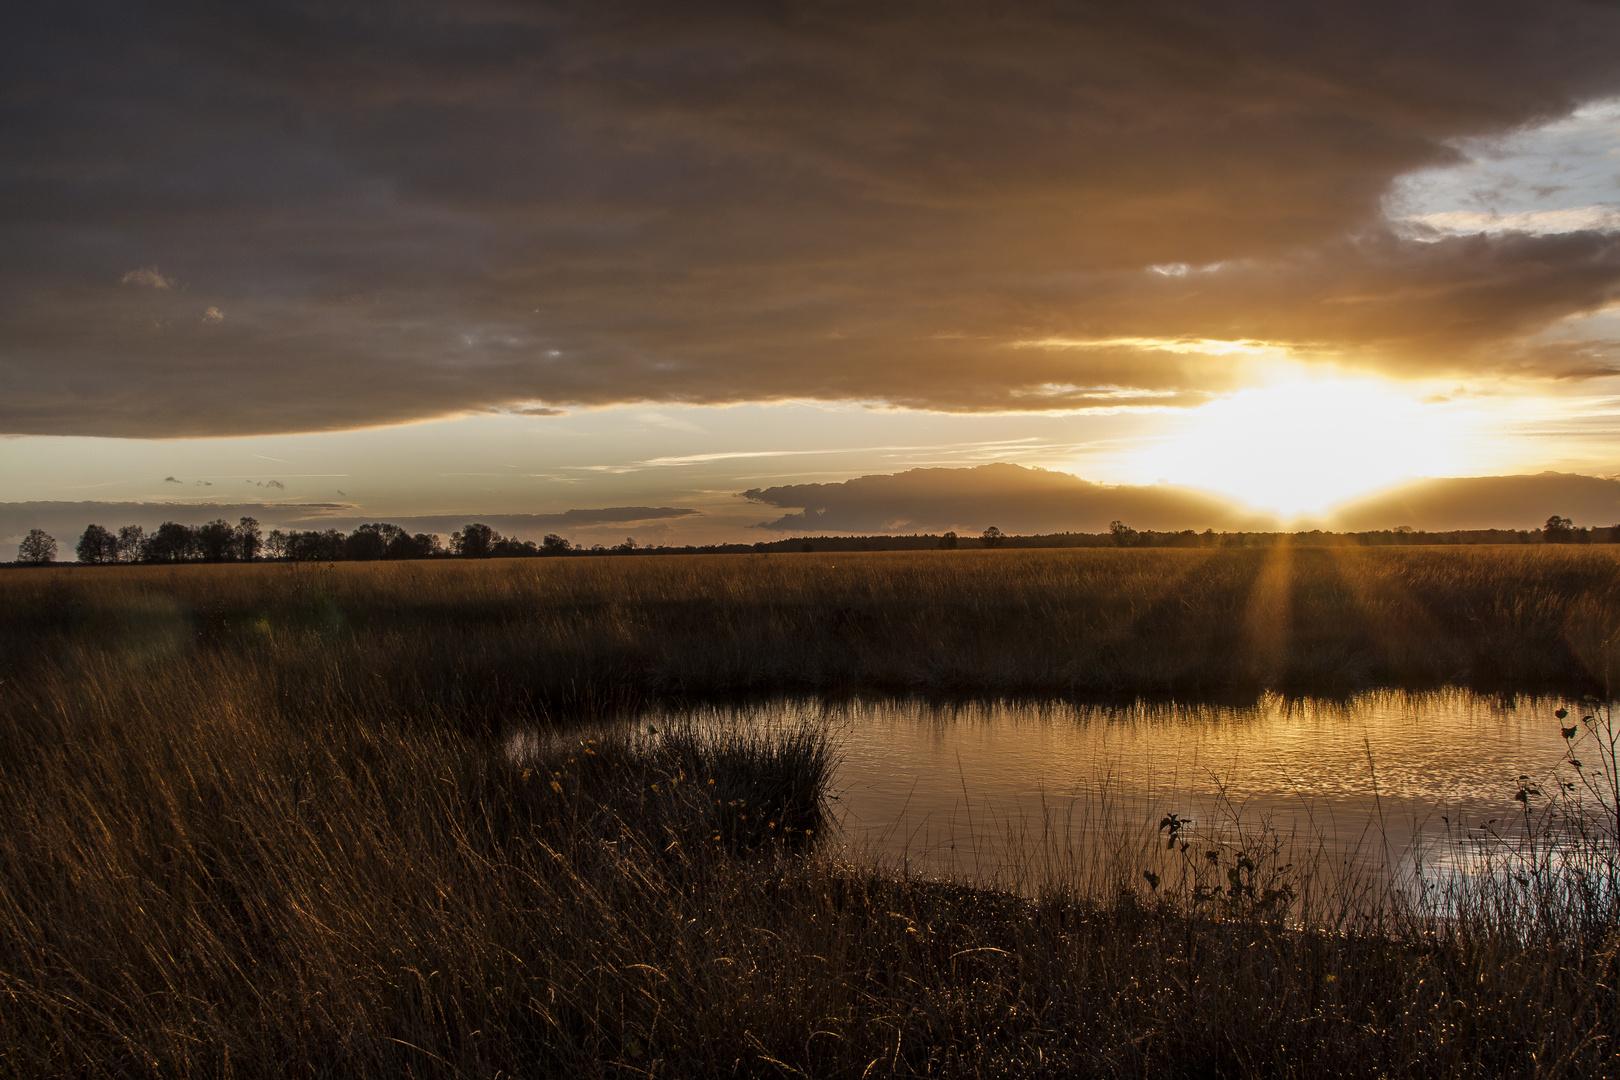 Sonnenuntergang im herbstlichen Moor